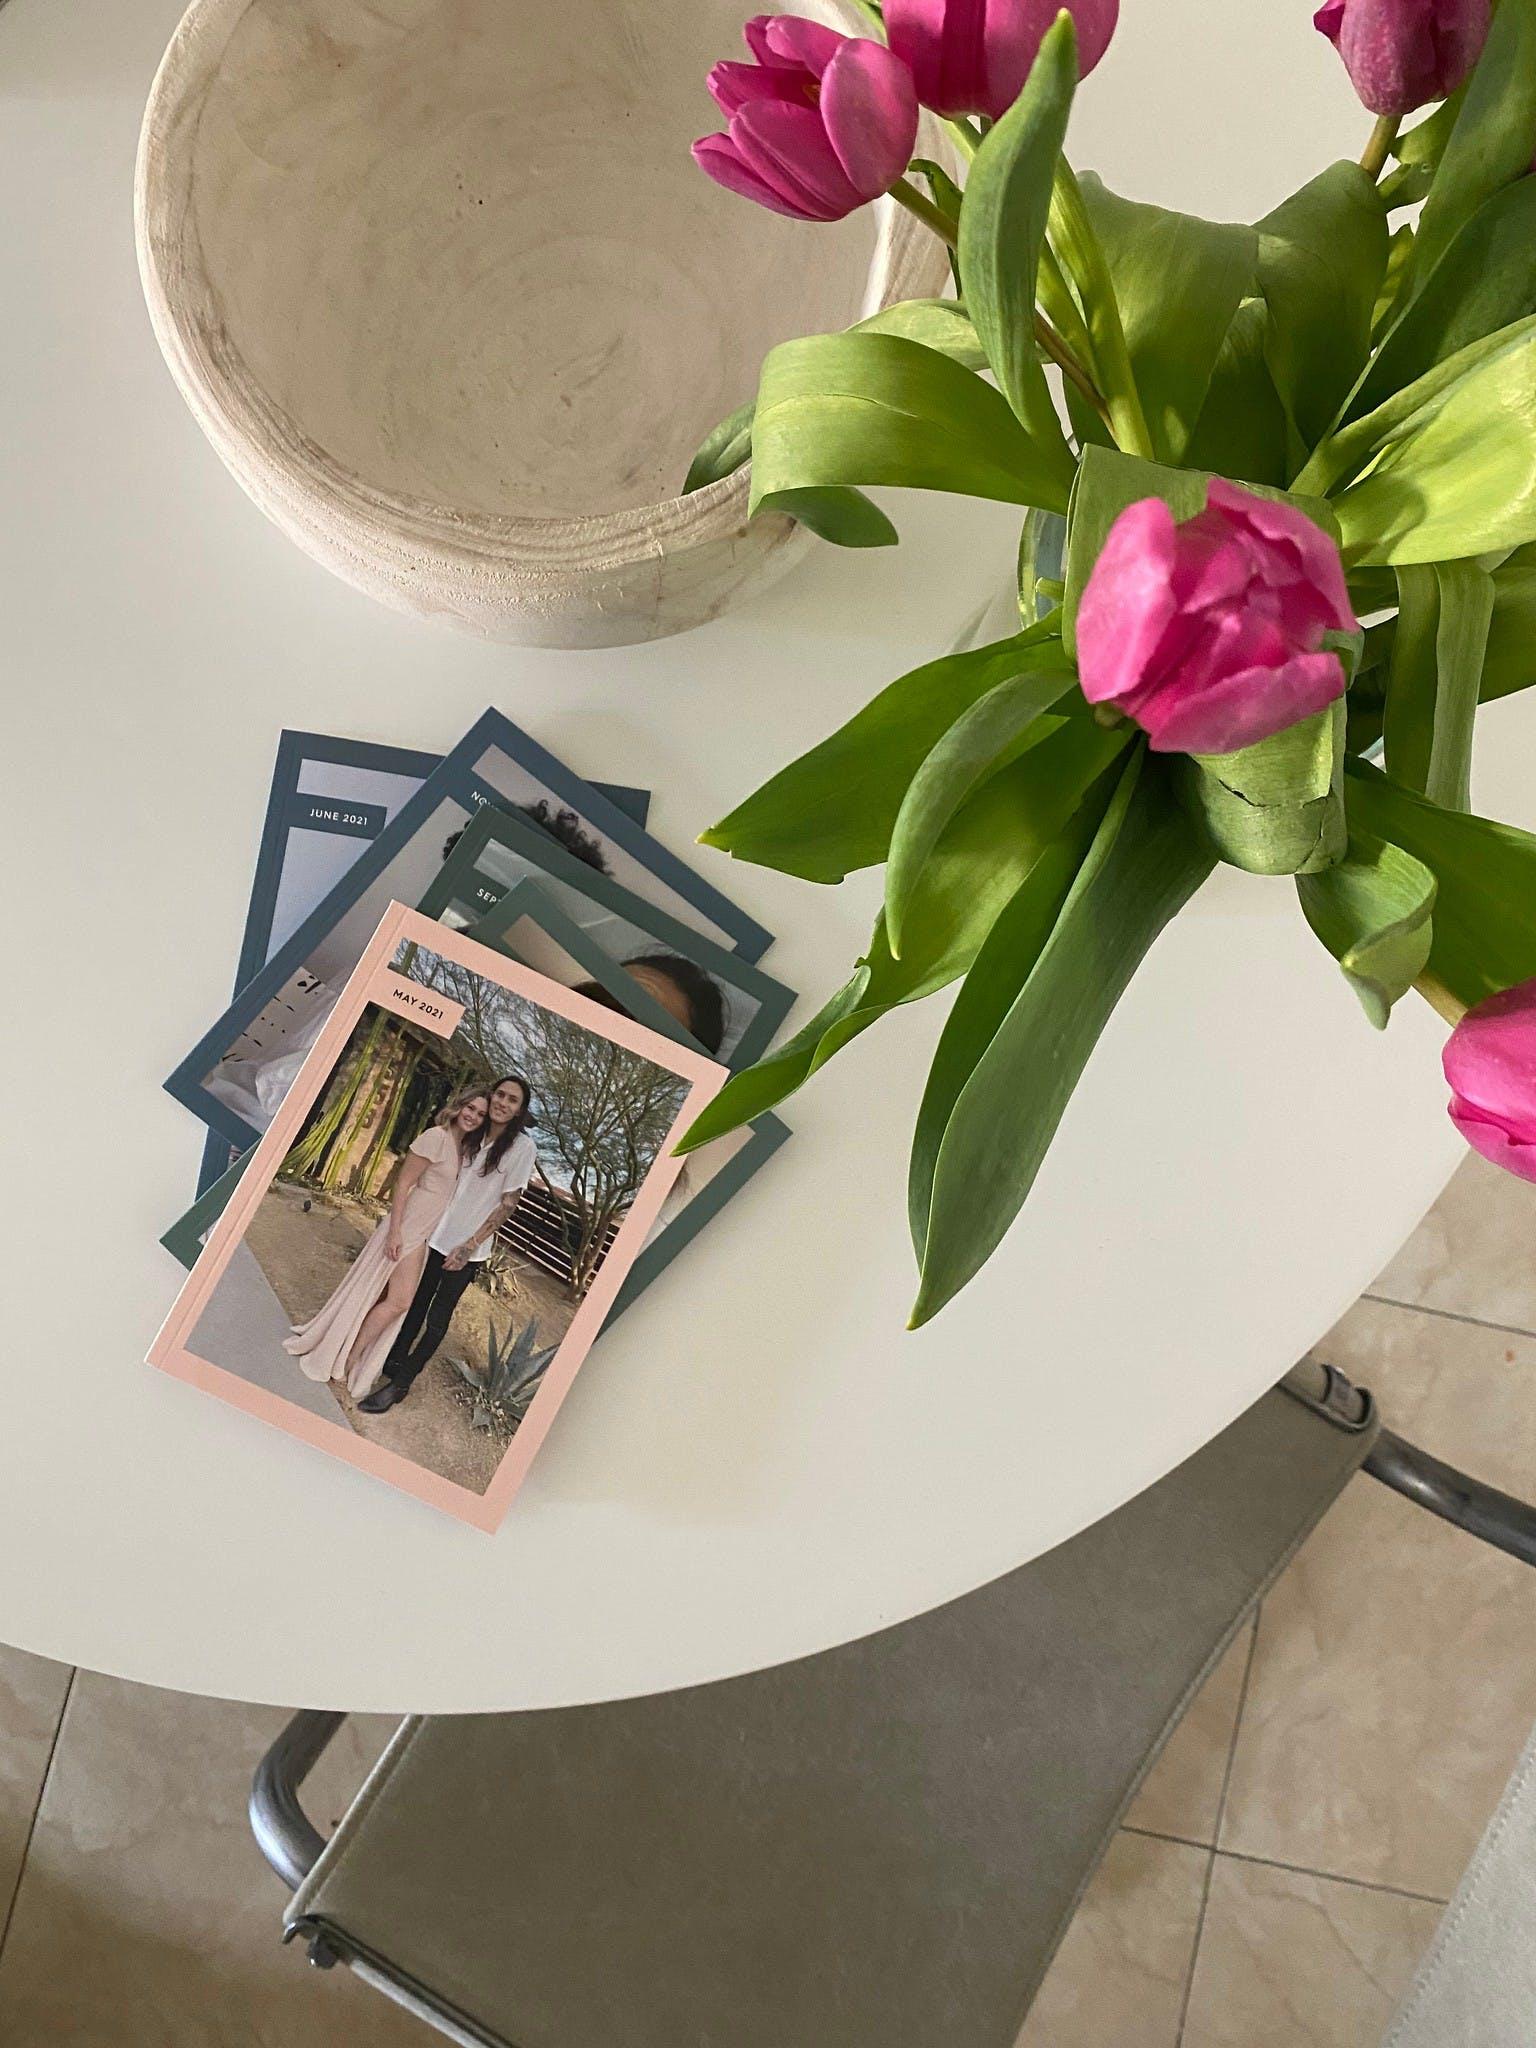 Photo books on kitchen table